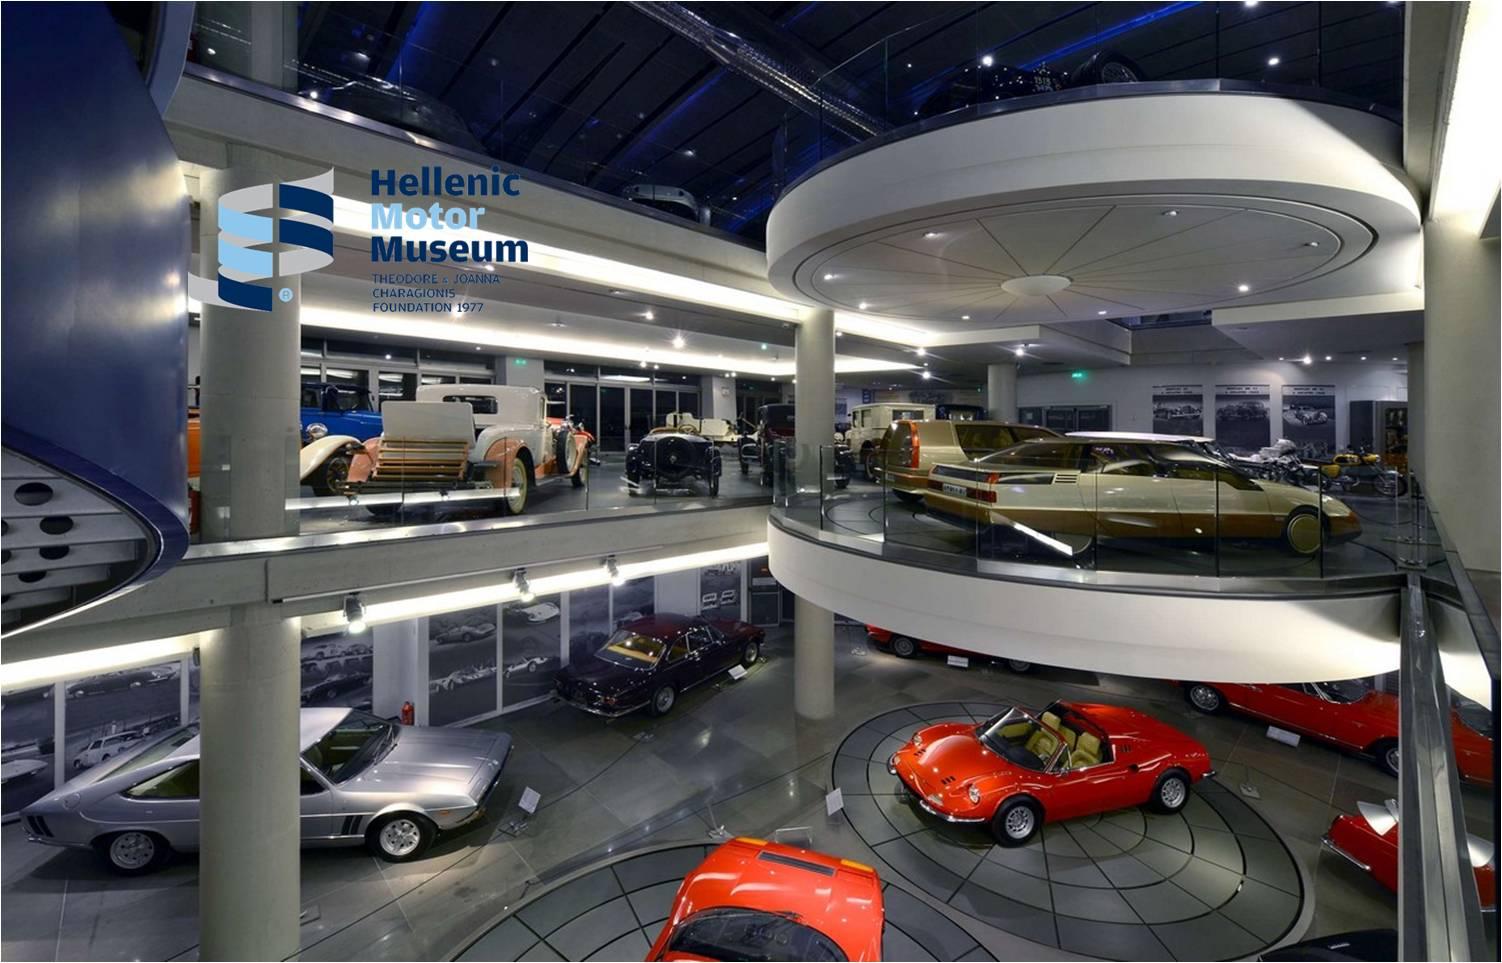 Από 4€ για είσοδο στο ''Ελληνικό Μουσείο Αυτοκινήτου'', αφιερωμένο στην τεχνολογία και στην εξέλιξη του αυτοκινήτου, με περισσότερα από 110 εκθέματα. Επιπρόσθετα οδηγήστε στον ΠΡΟΣΟΜΟΙΩΤΗ της F1 του μουσείου με μόνο 4€!